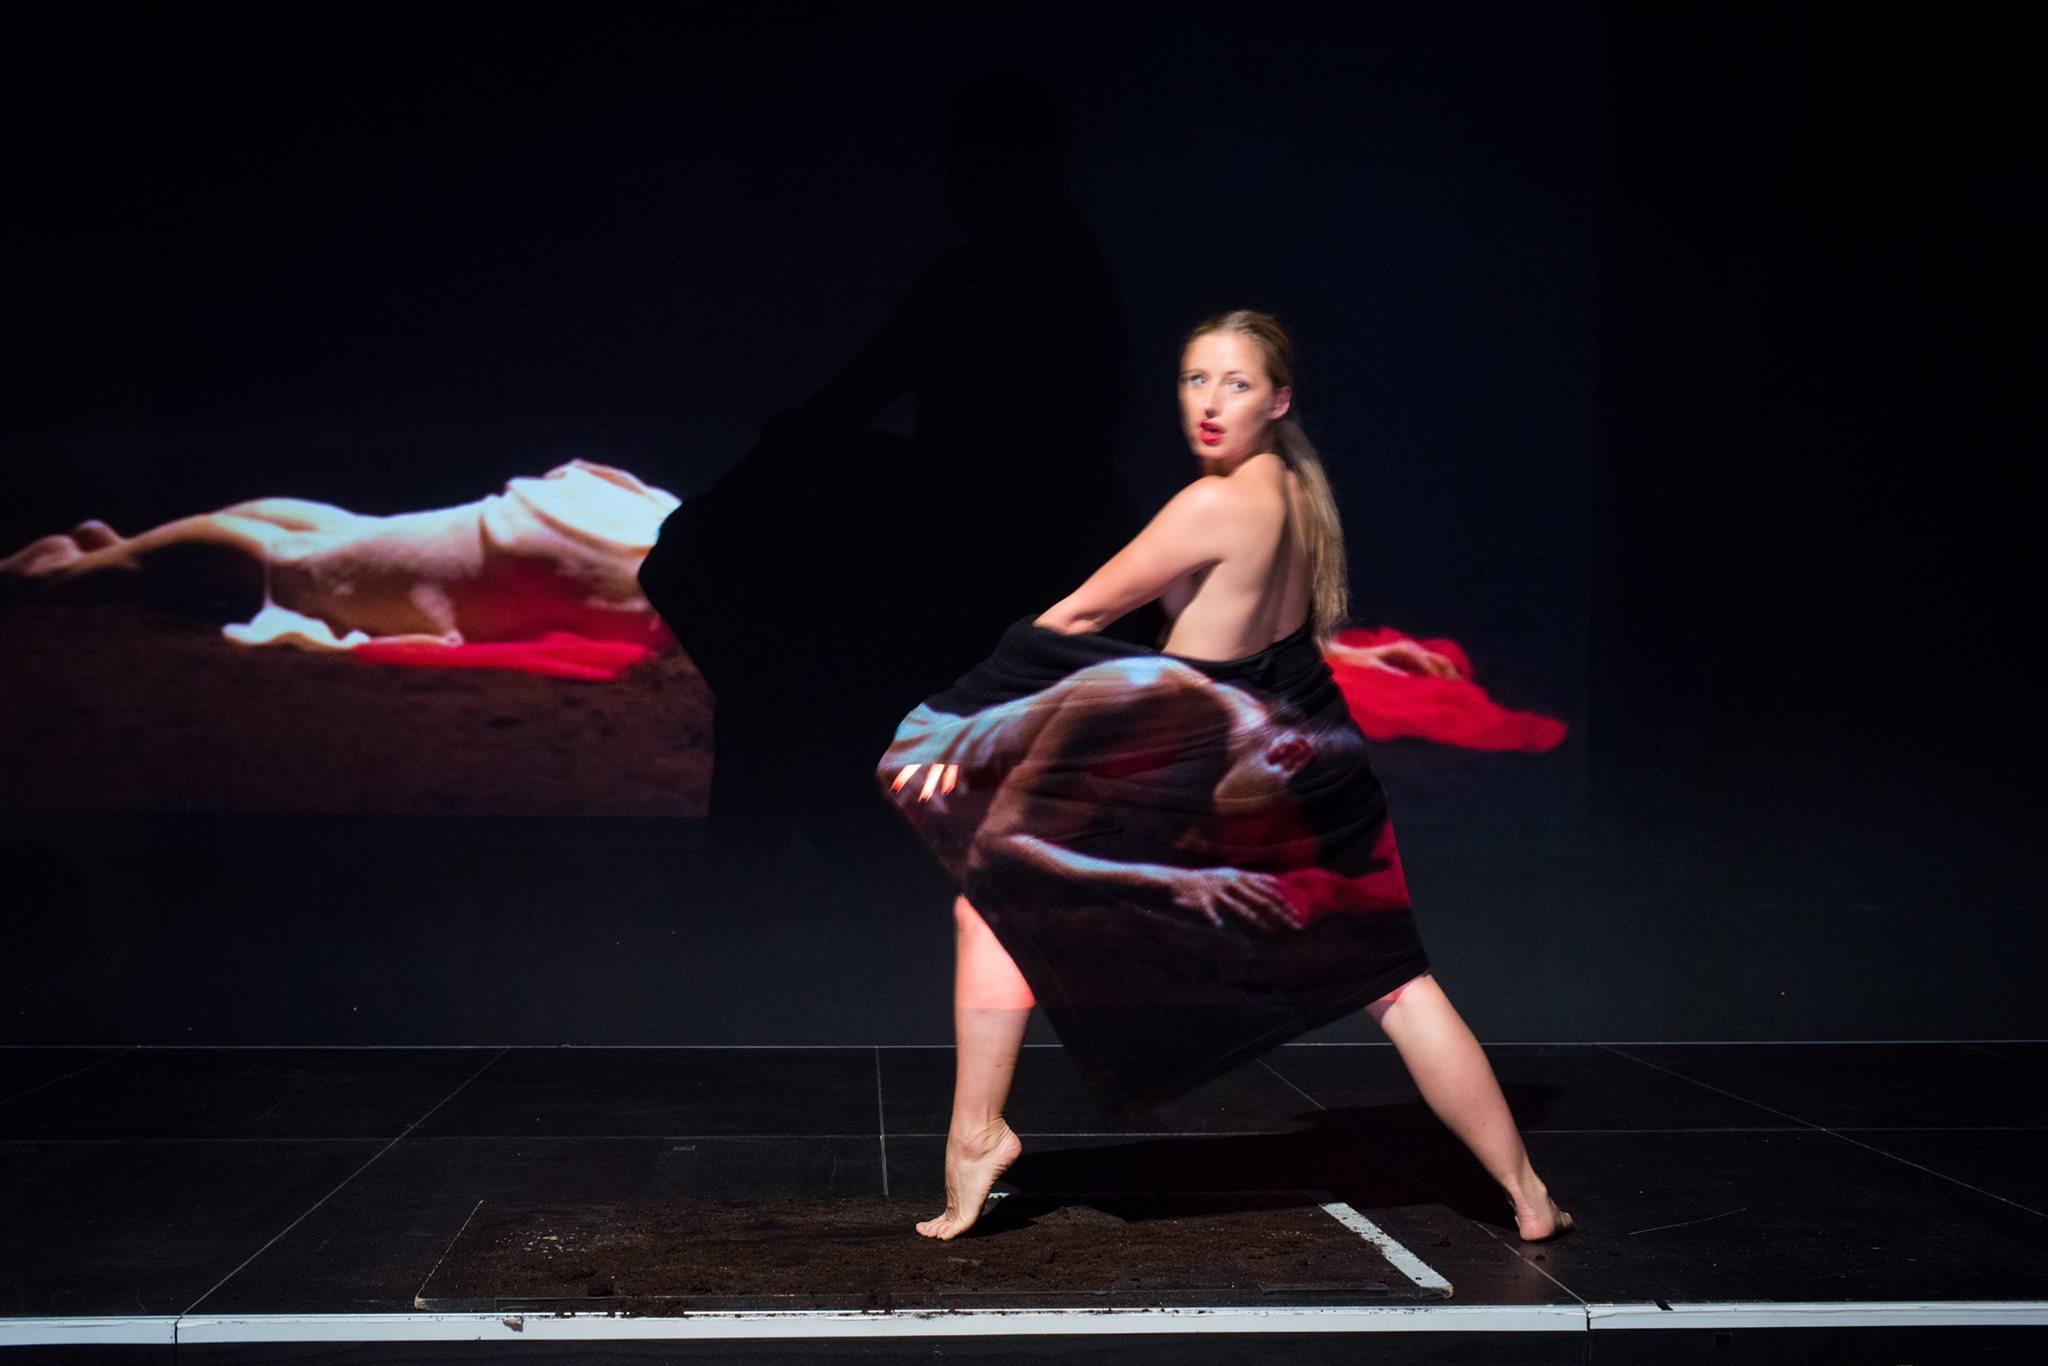 """Flimmern zeigt dir mit """"How to Pina Bausch"""", dass Kino & Tanz gut zusammenpassen!"""